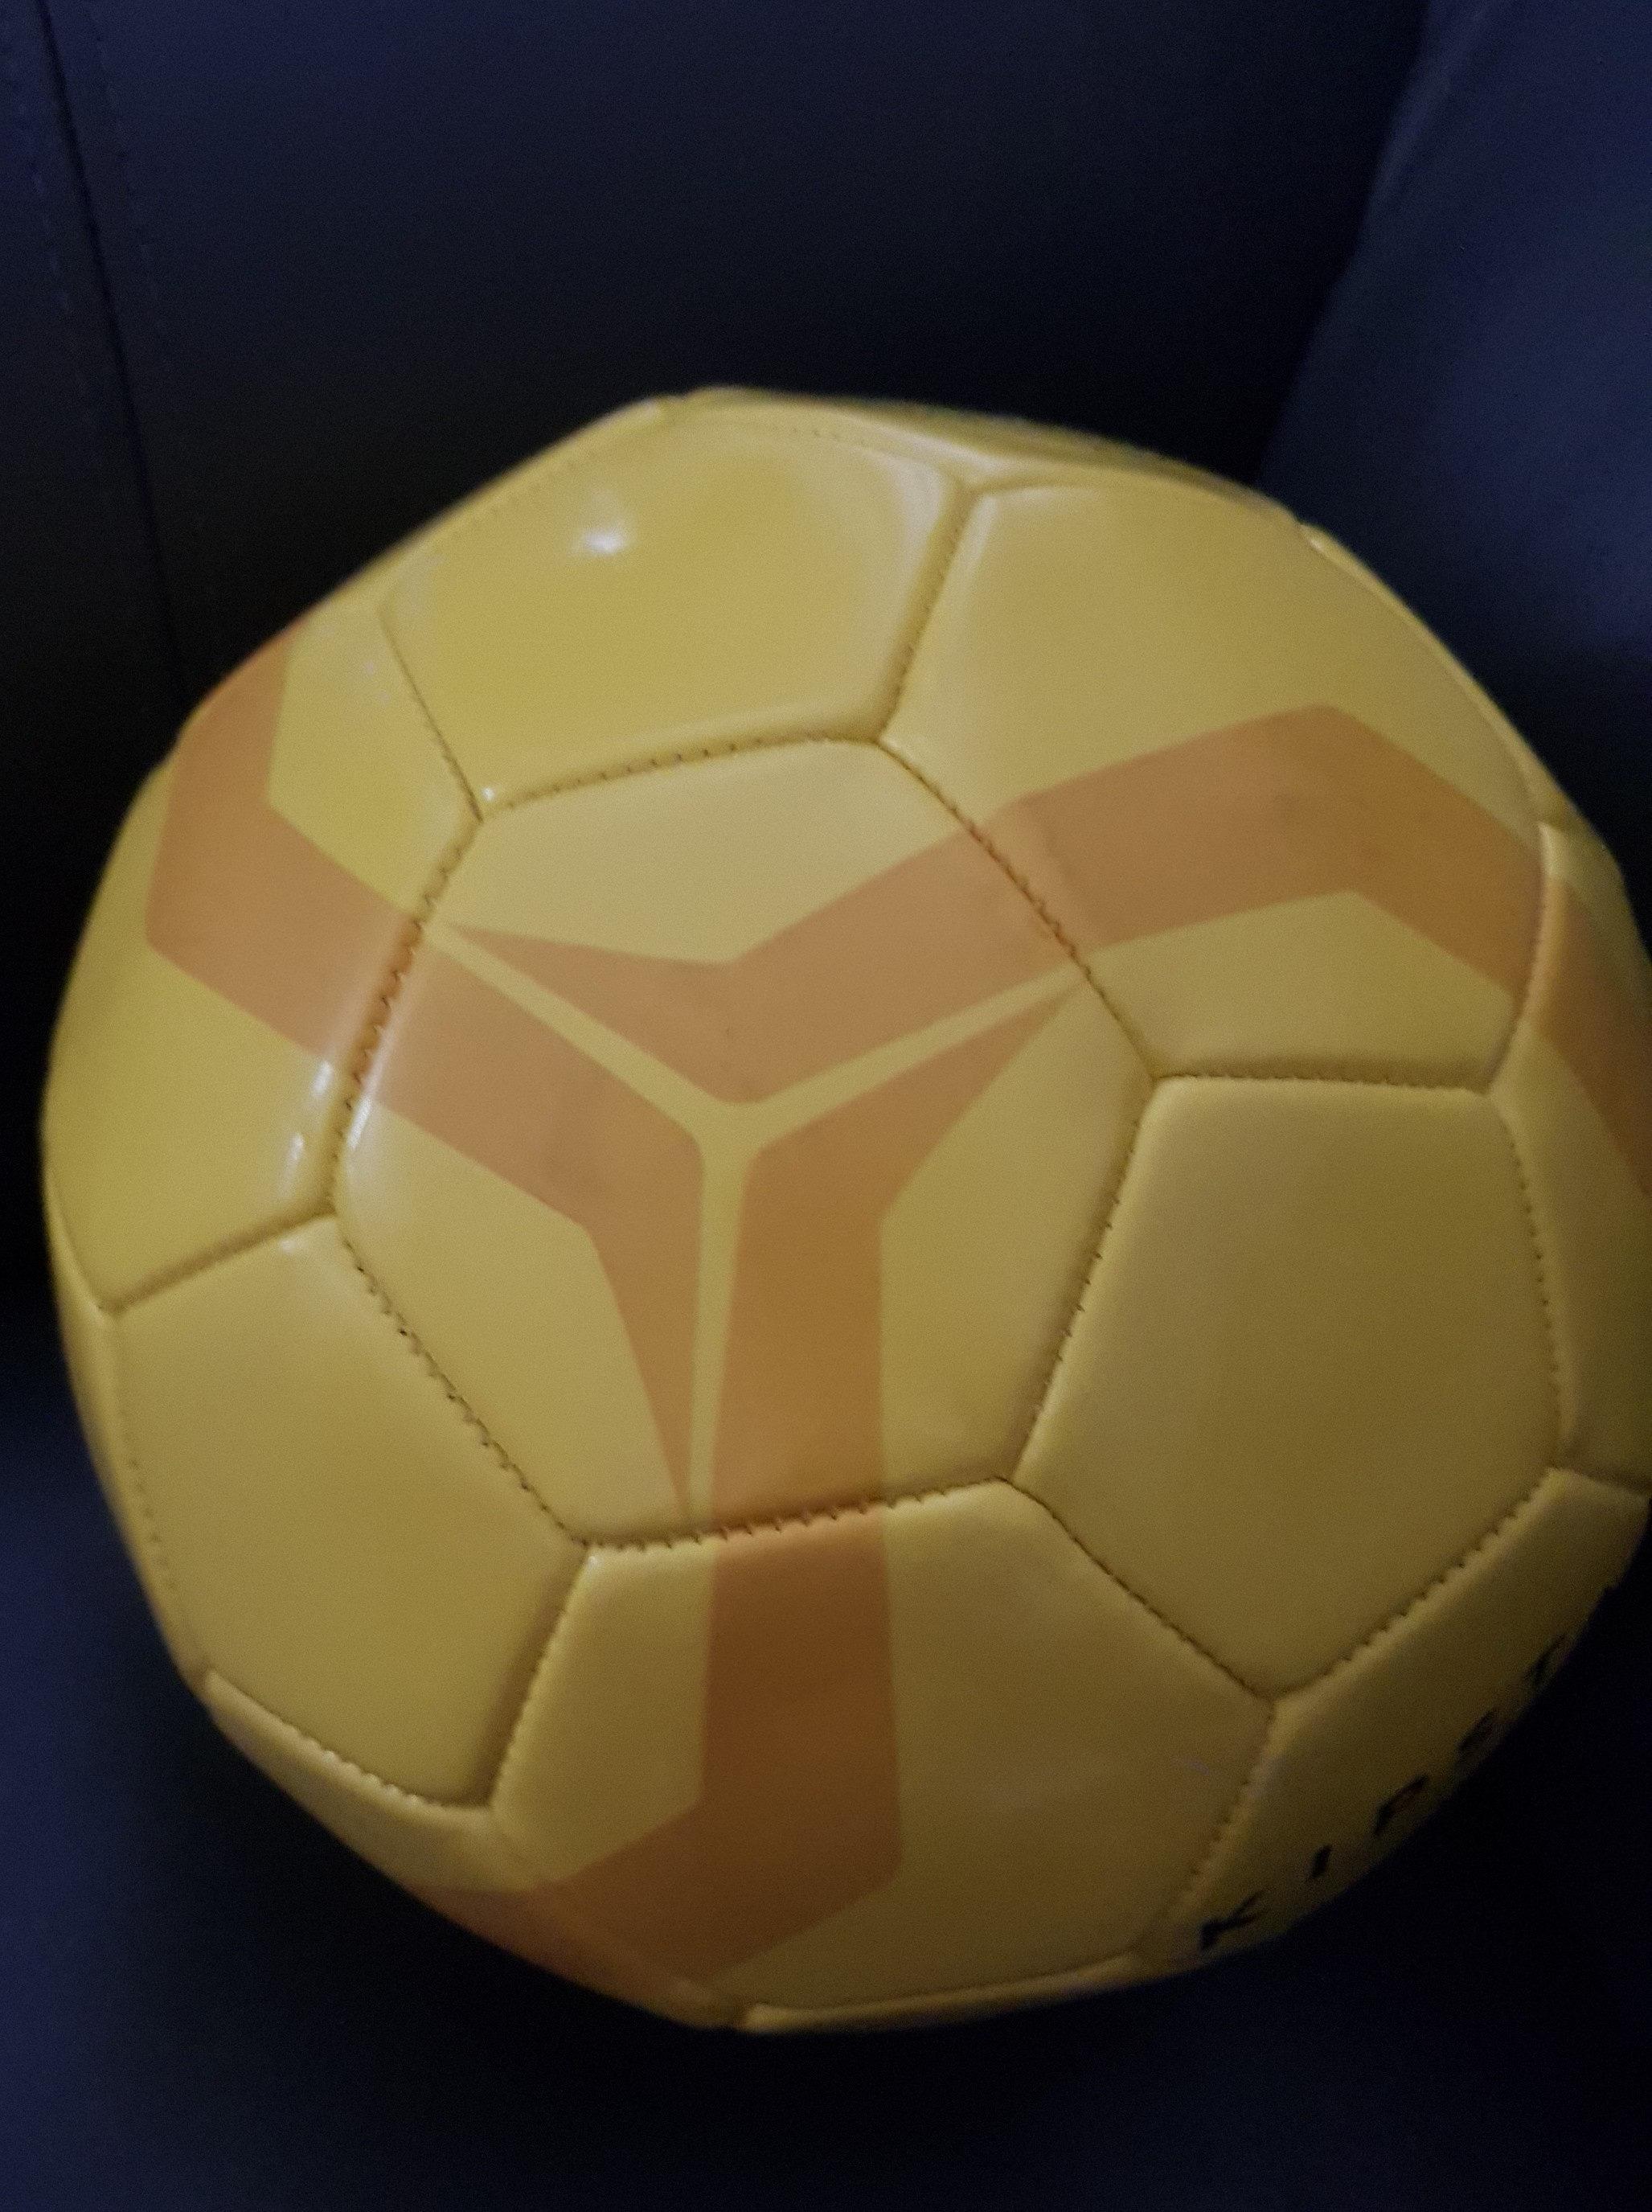 ballon - Produit